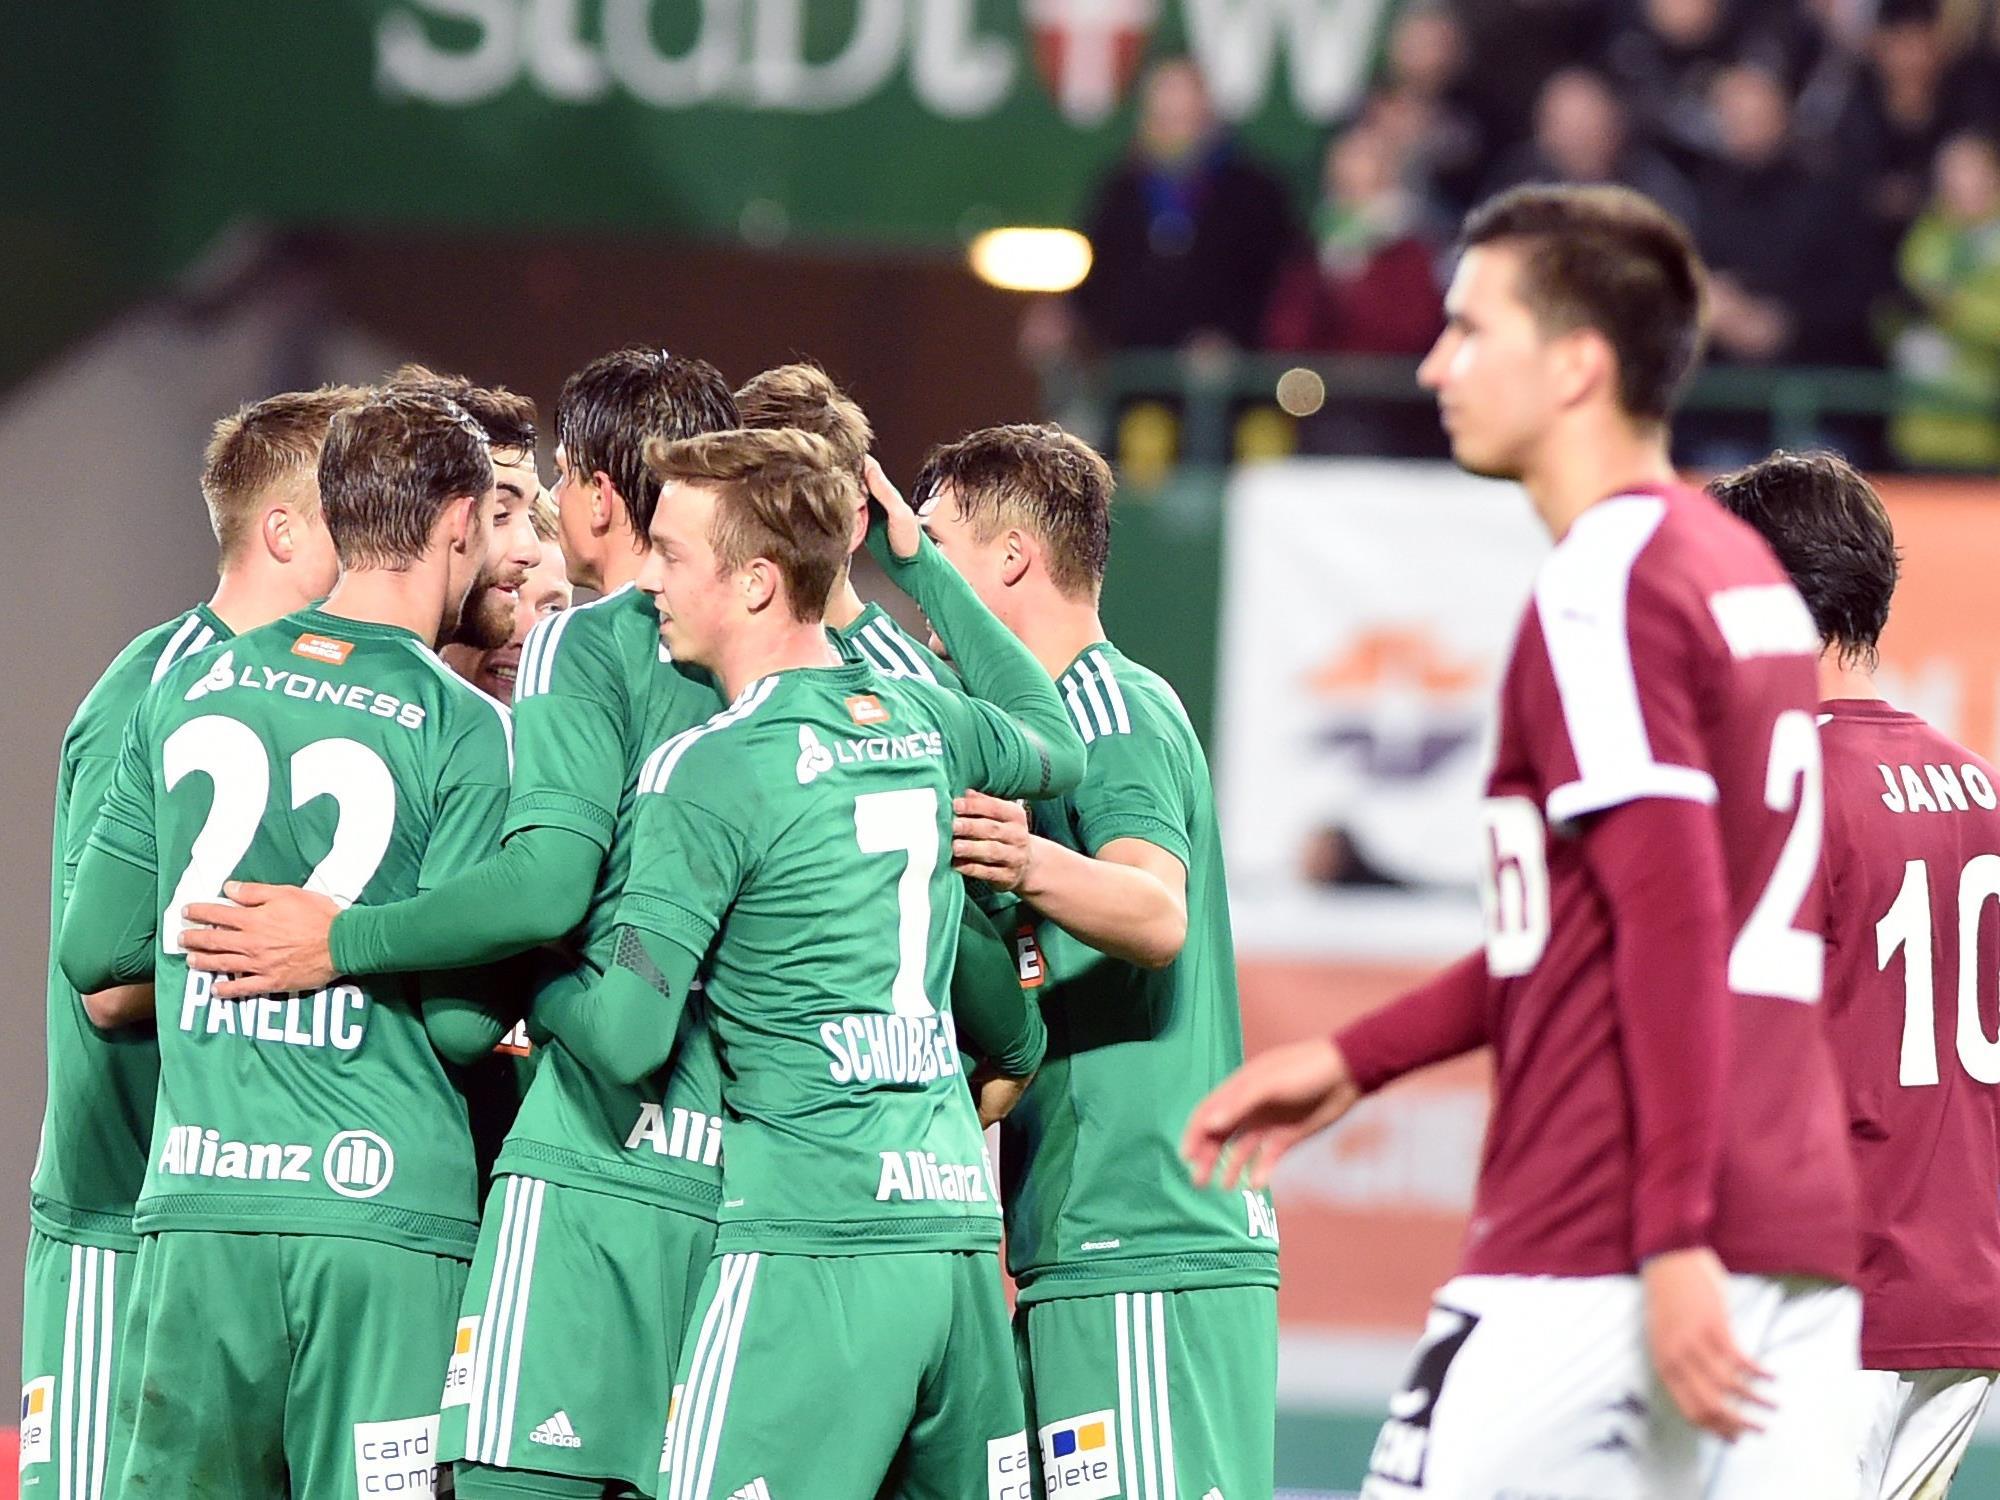 Jubelnde Rapidler, enttäuschte Mattersburger am Mittwochabend im Happel-Stadion.